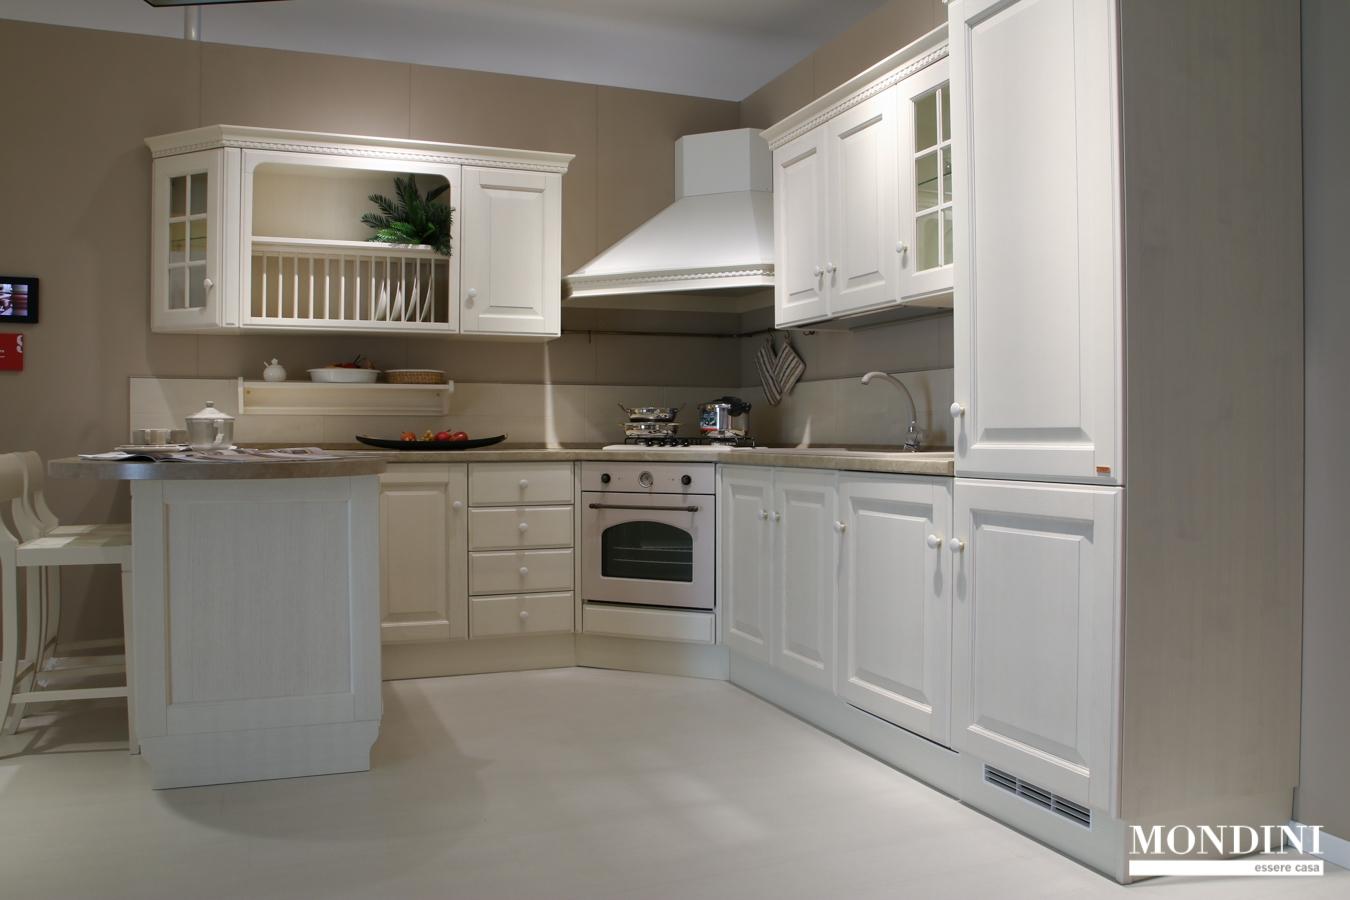 Cucina con penisola scavolini modello baltimora scontata del 48 cucine a prezzi scontati - Cucina con penisola ...